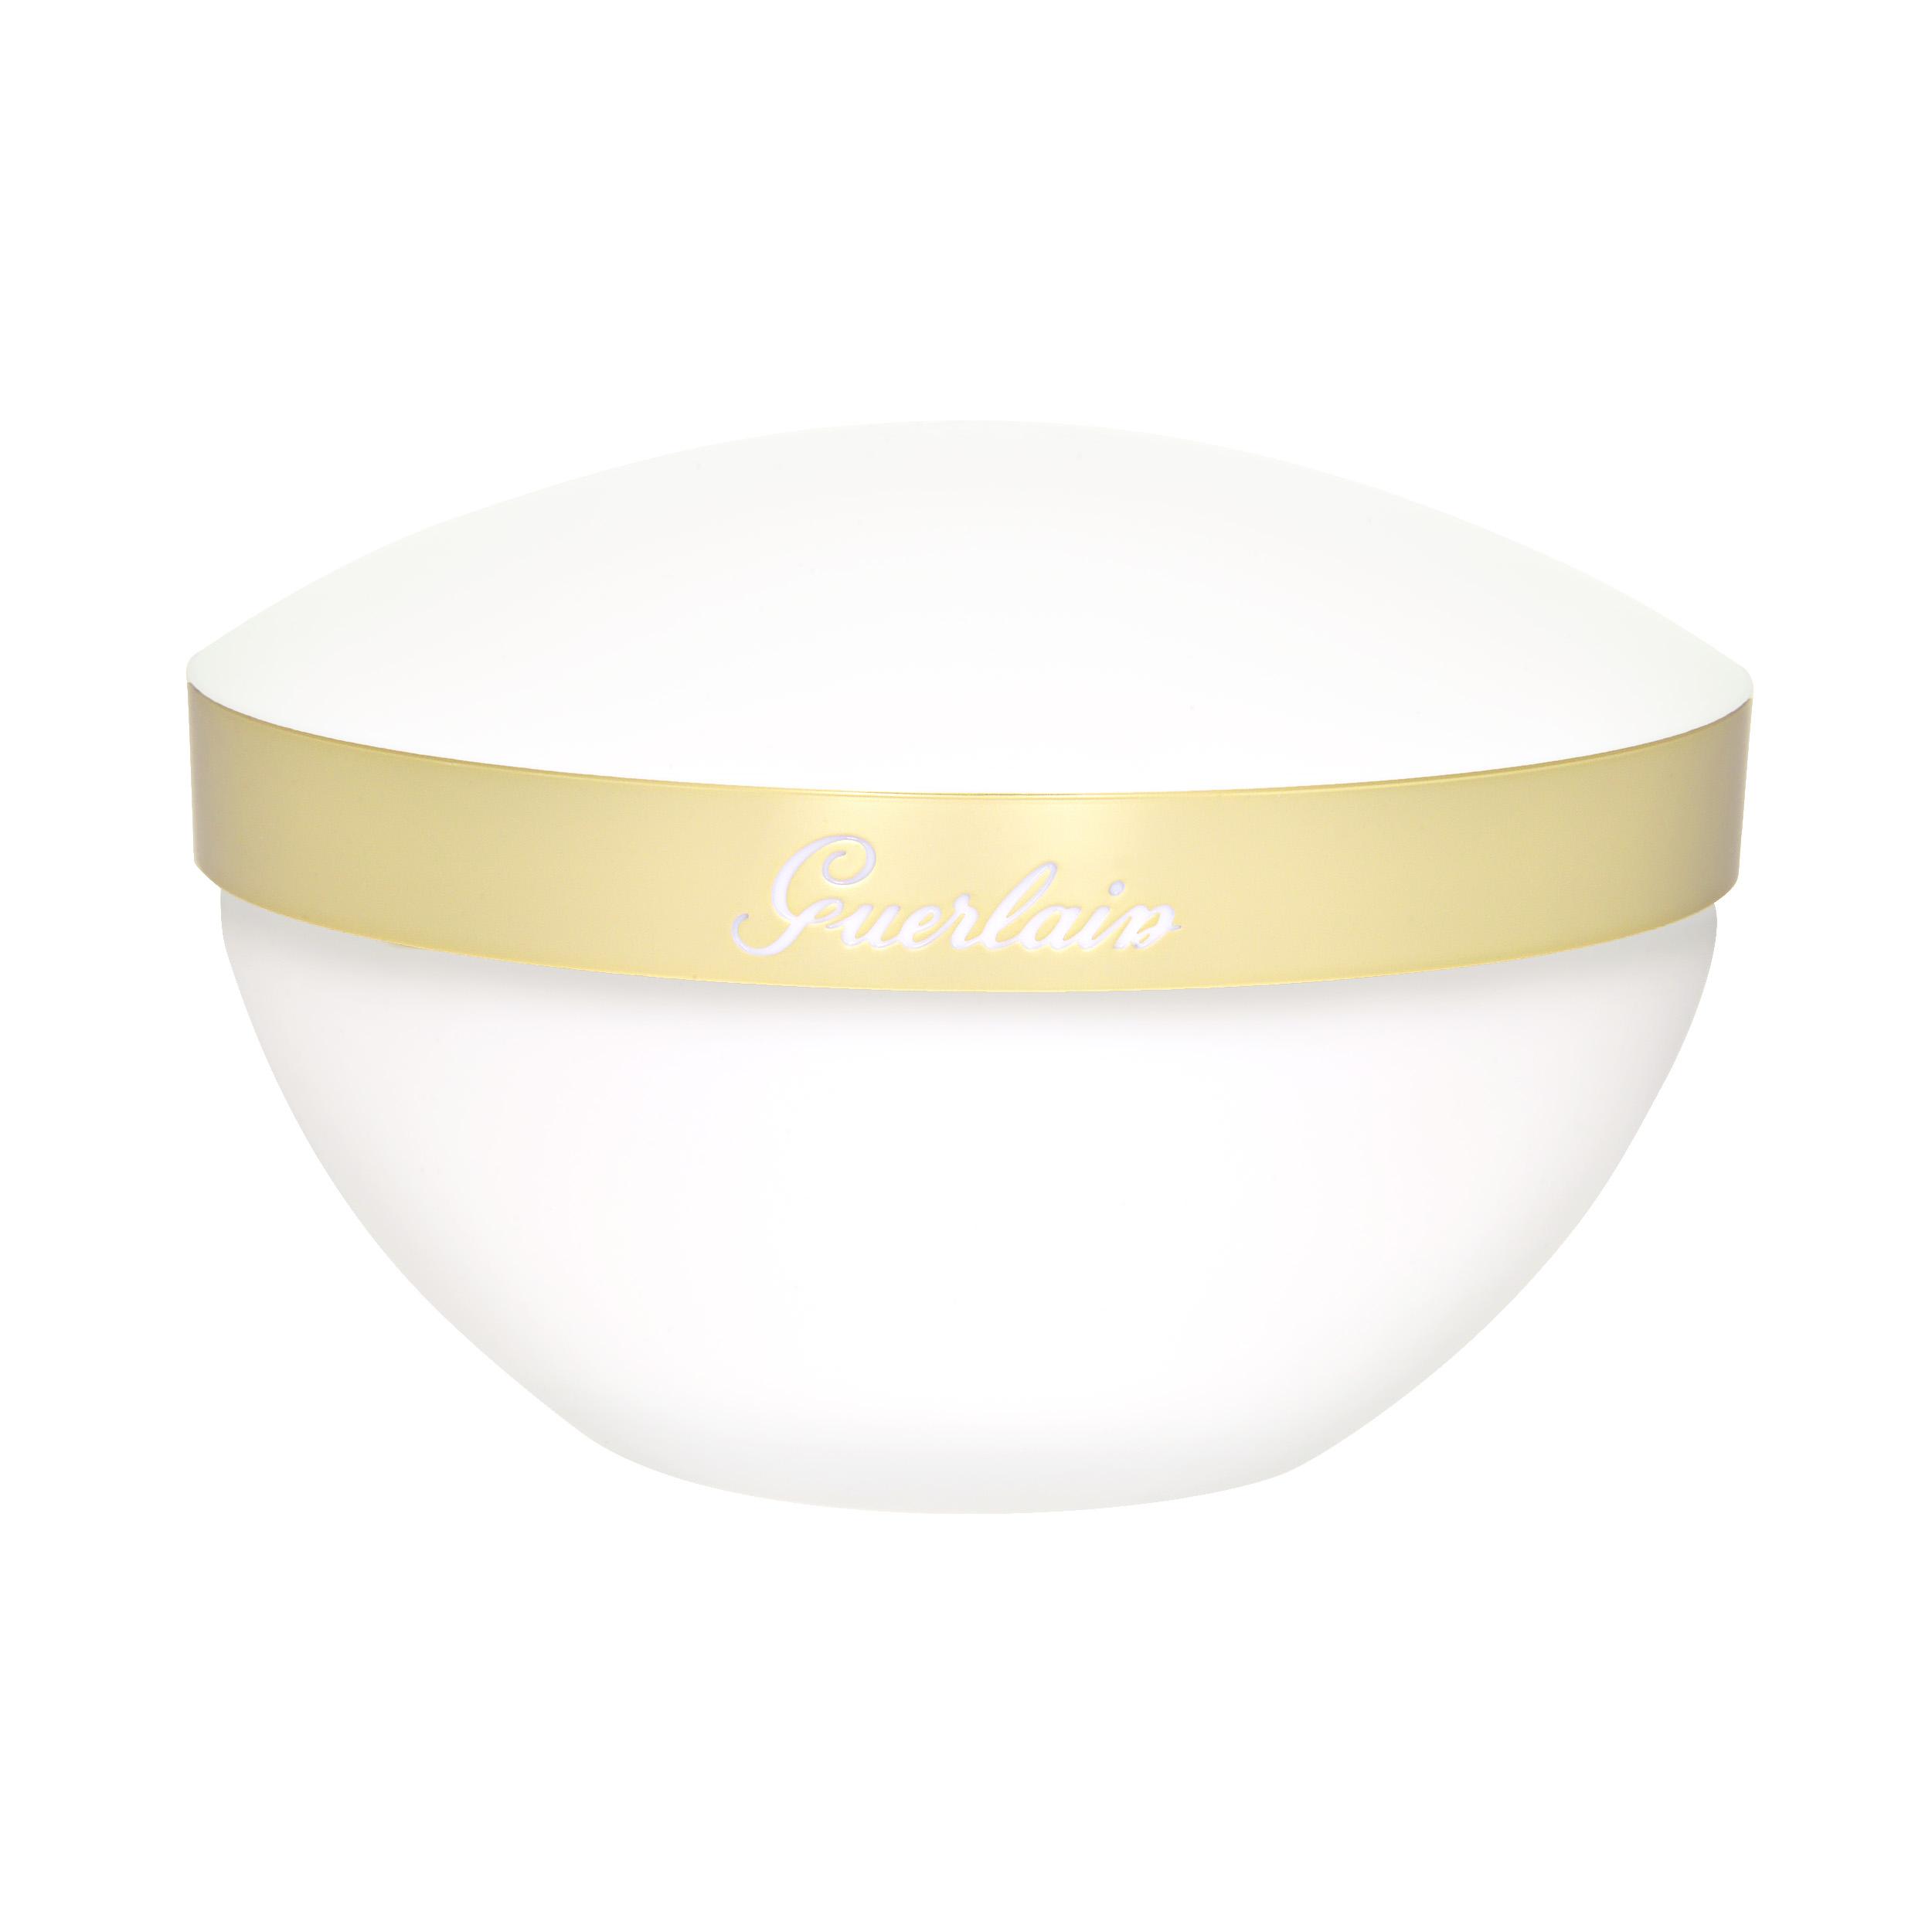 Guerlain  Creme De Beaute Pure Radiance Cleansing Cream 6.7oz, 200ml